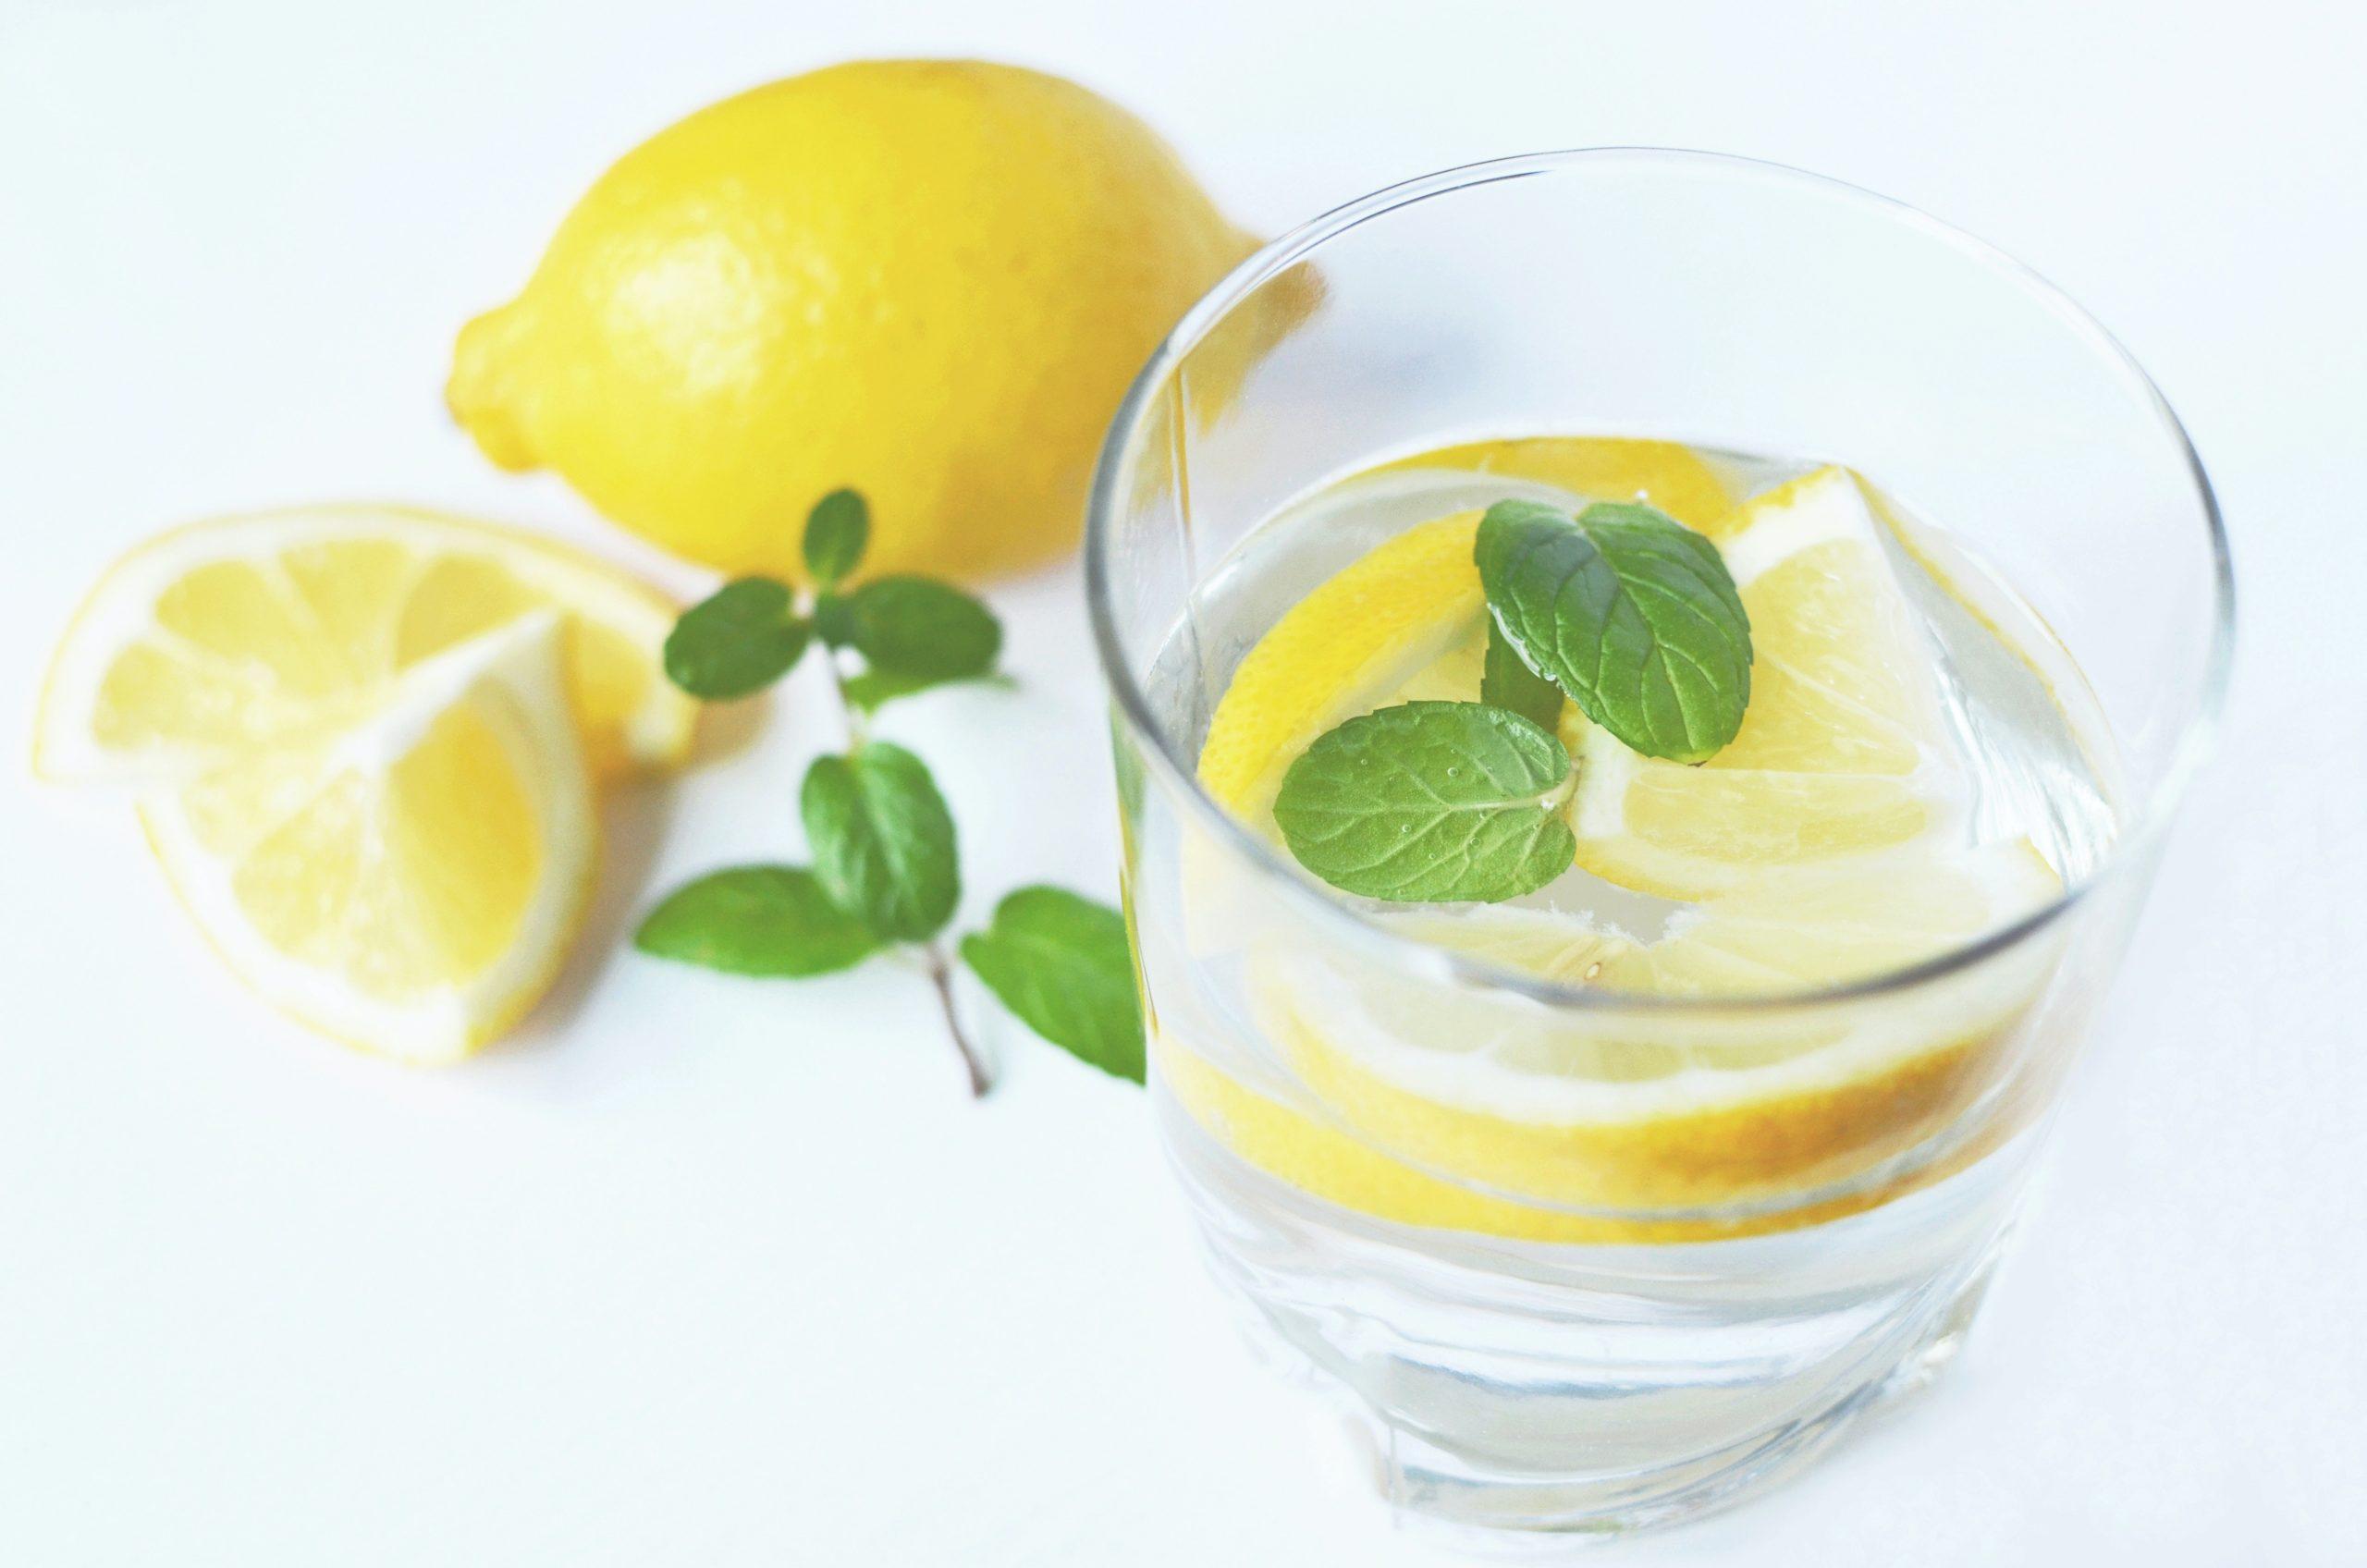 limon y reflujo gastroesofagico